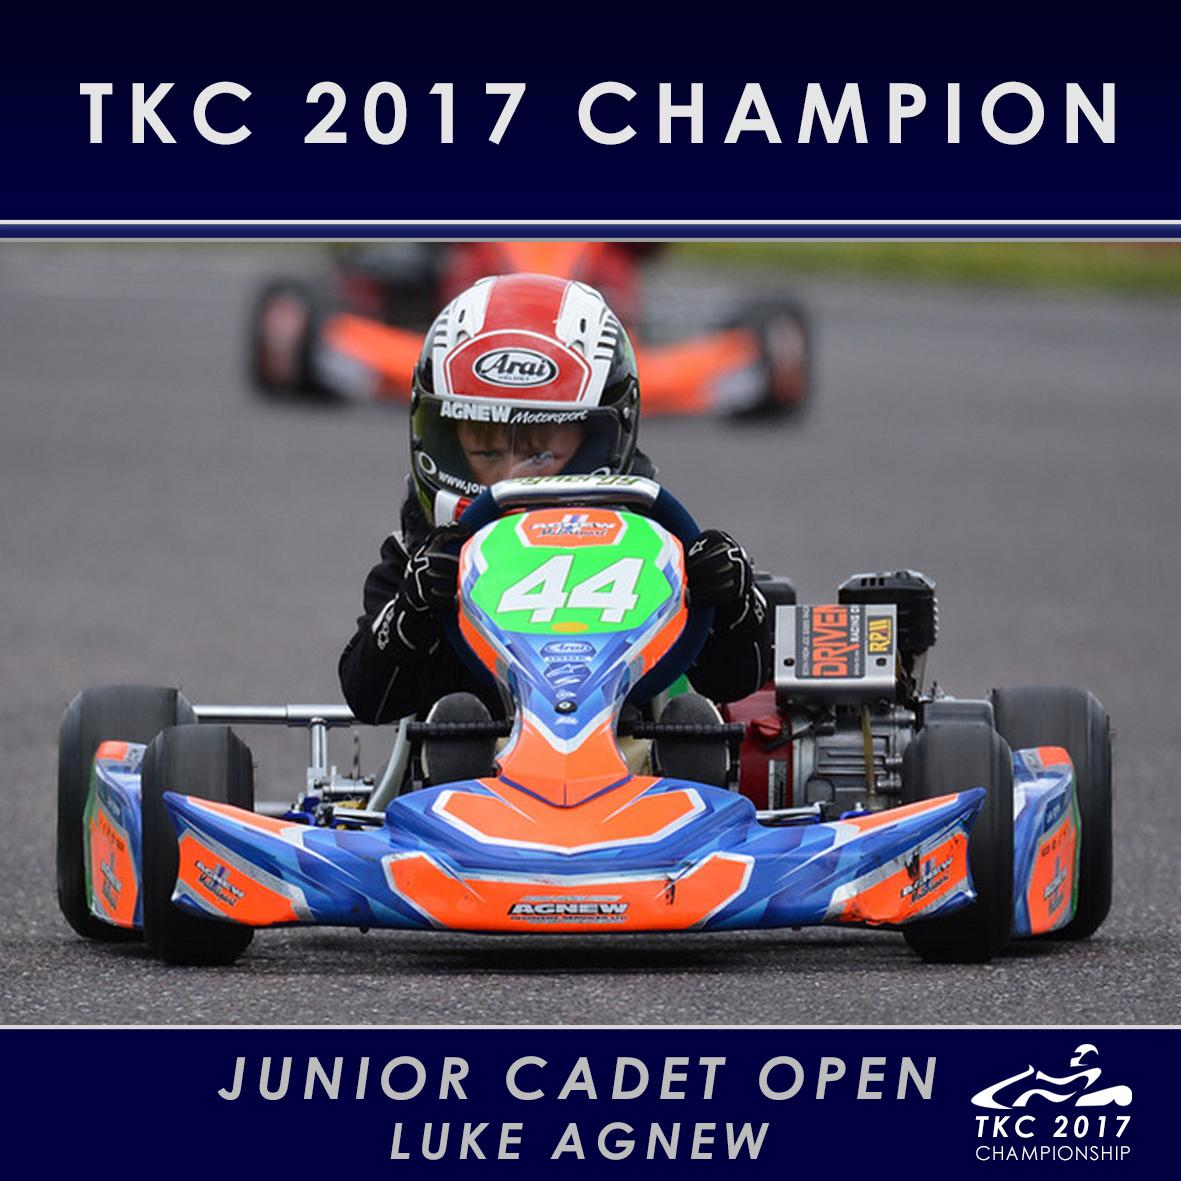 Jr Cadet Open - Luke Agnew